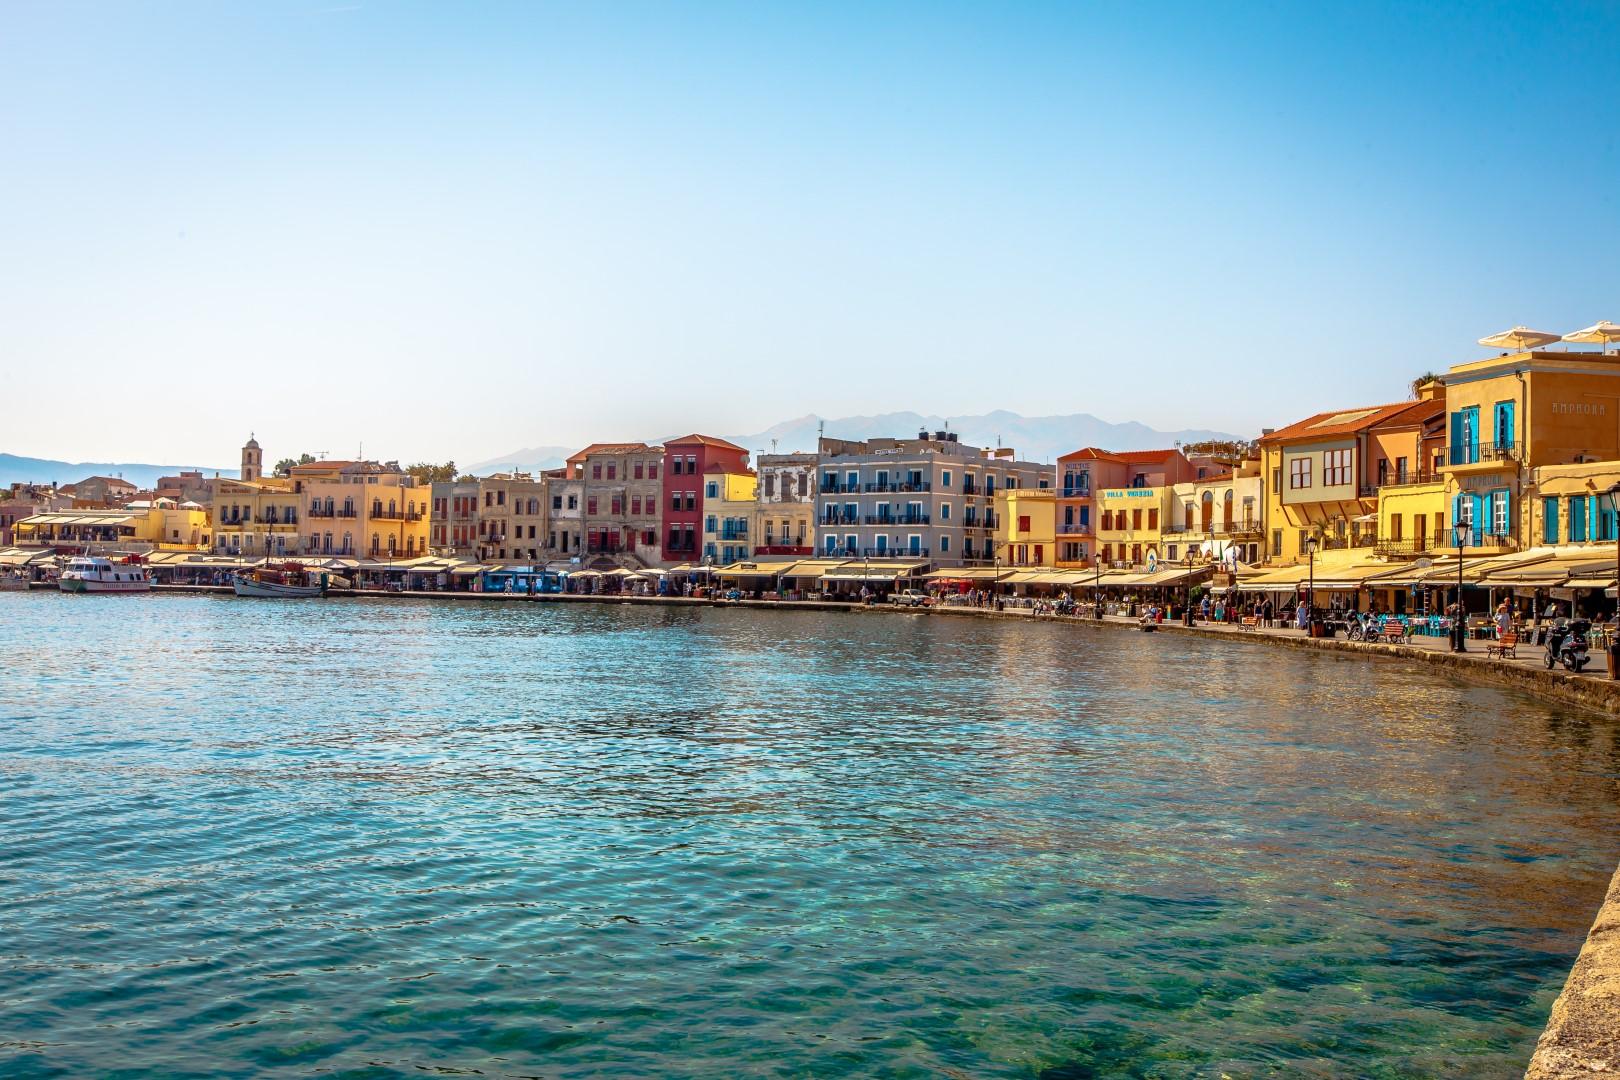 Povećanje cena na tržištu nekretnina u Grčkoj